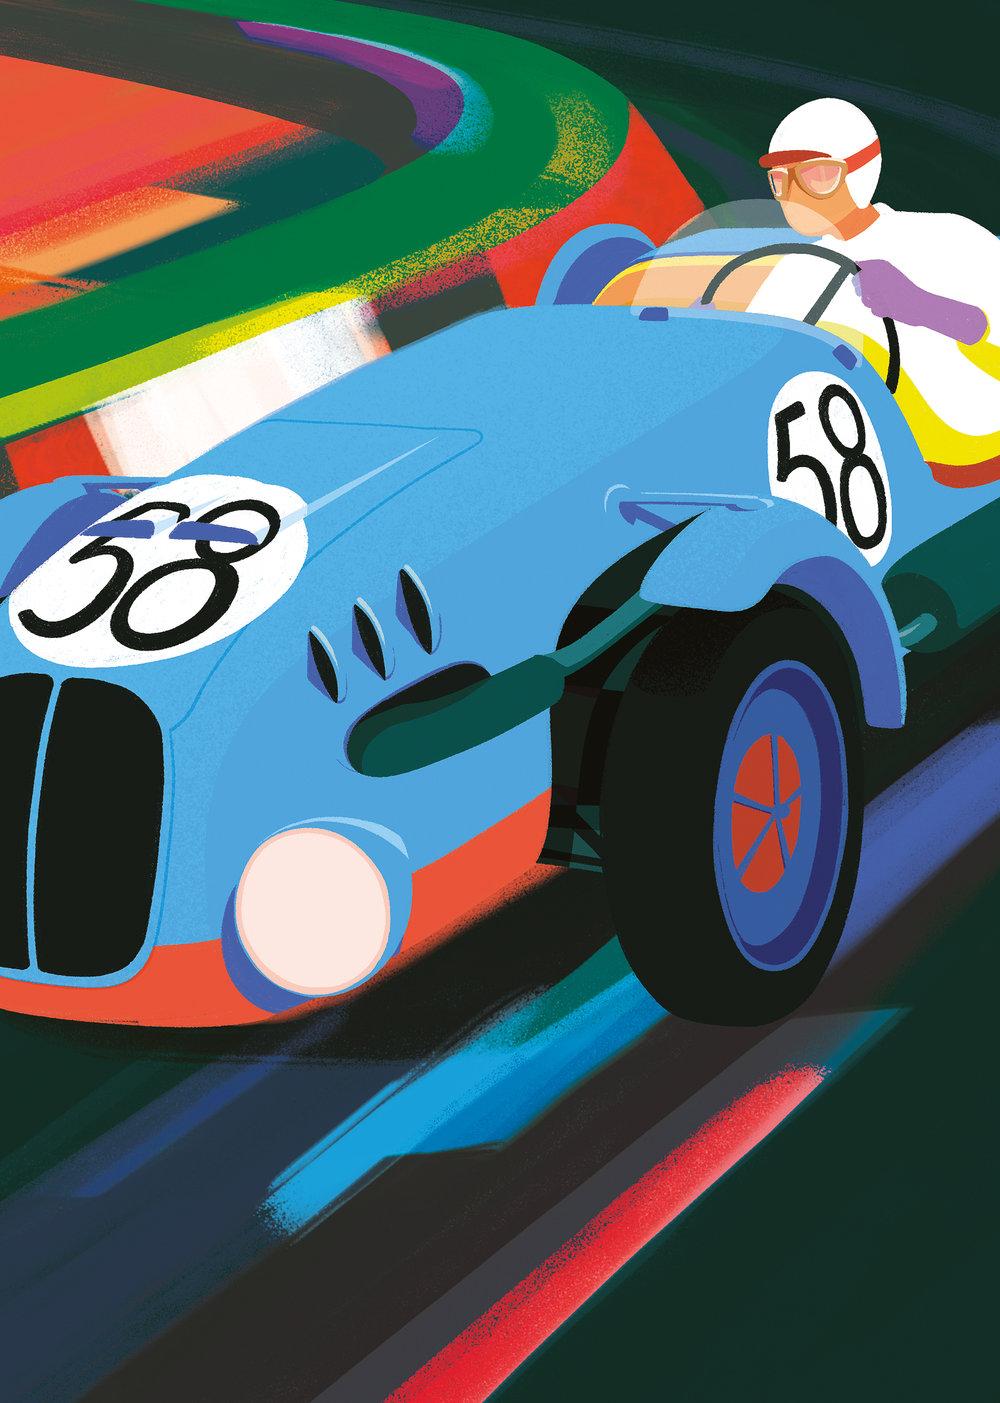 181204_Soffa_Le-Mans_01.jpg